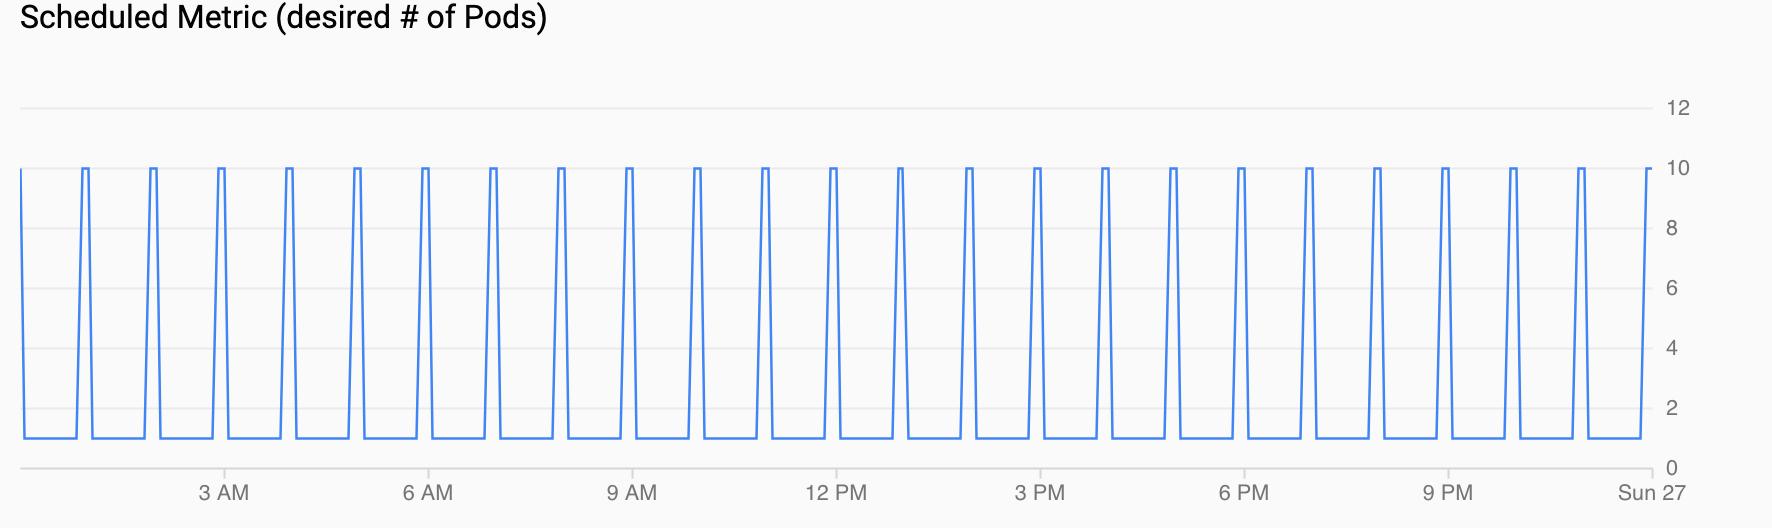 Graphique de la demande pour les pods, indiquant un pic chaque heure.